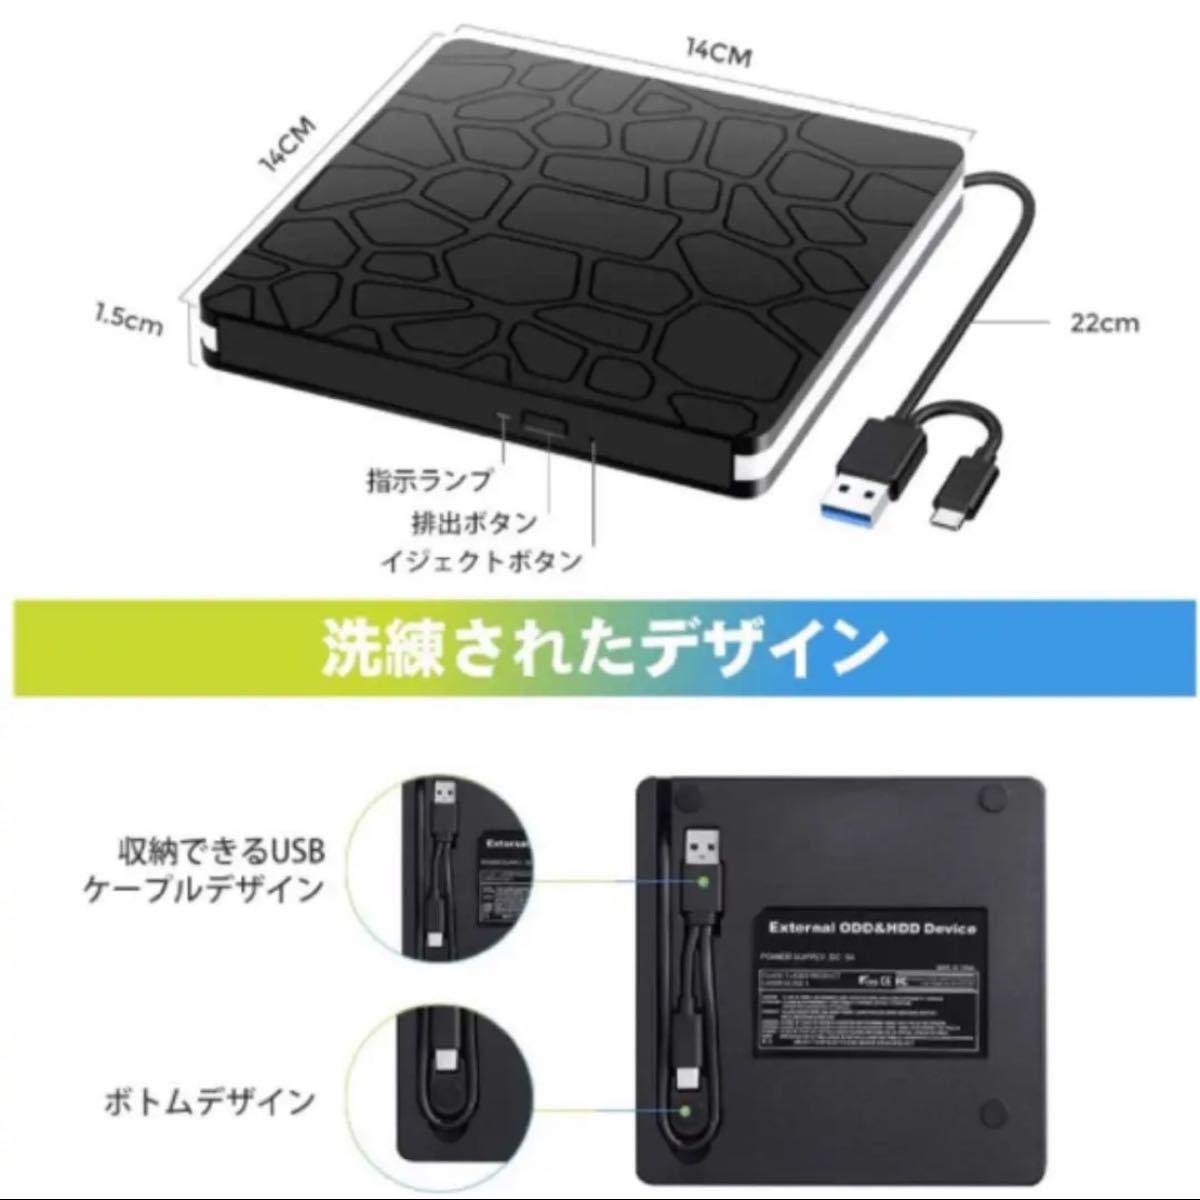 USB3.0 Type C 外付けDVDドライブ CD/DVDプレーヤー Type Cポート搭載ポータブルDVDドライブ高速 薄型